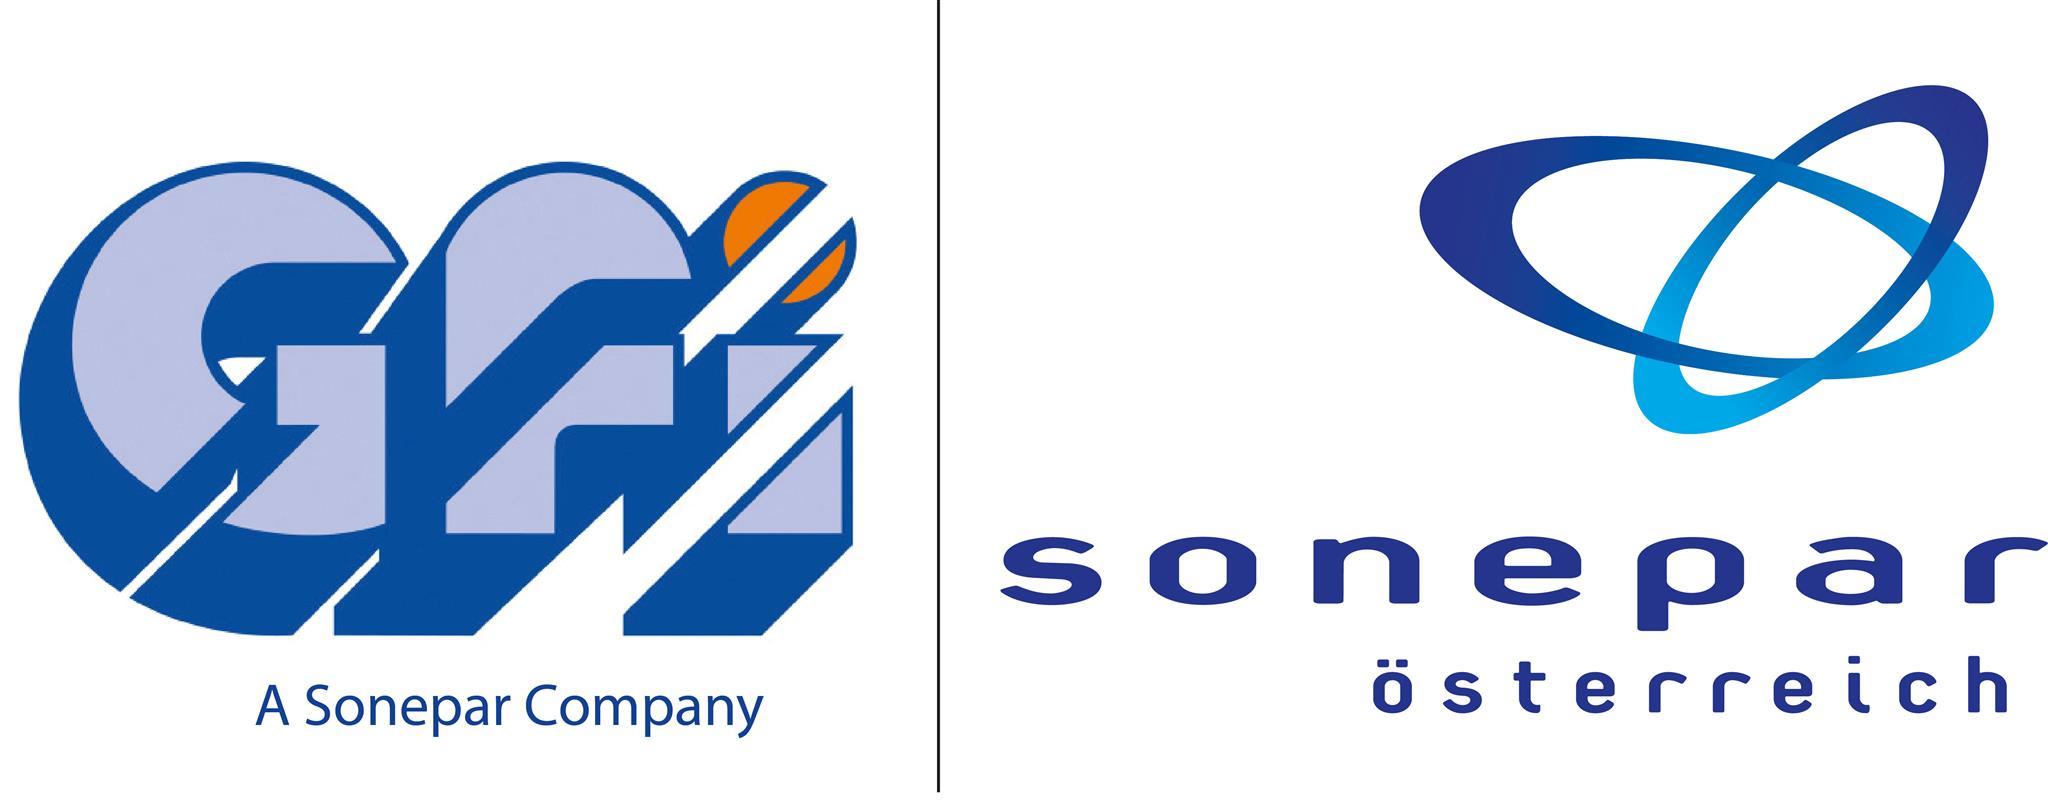 SON_Logo_GFI-Sonepar_cut.jpg